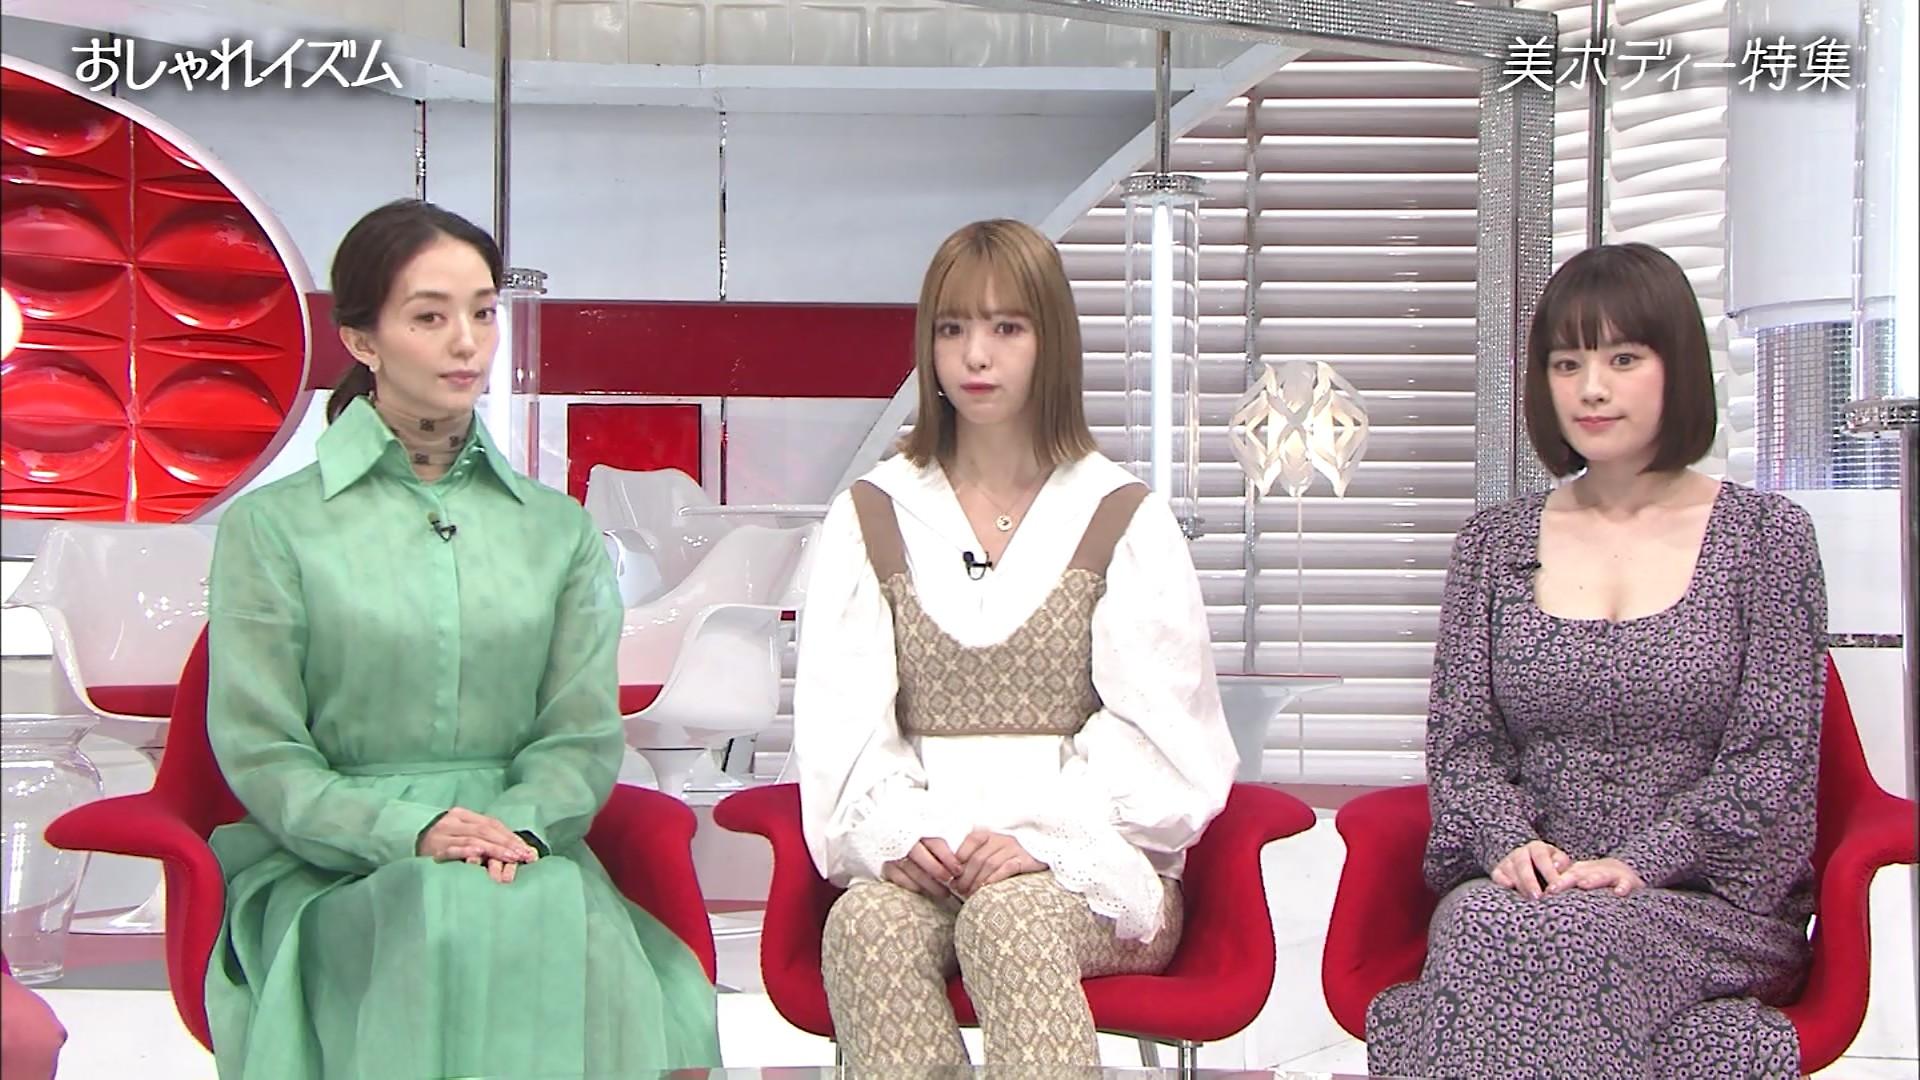 胸チラ_谷間_おっぱい_おしゃれイズム_40